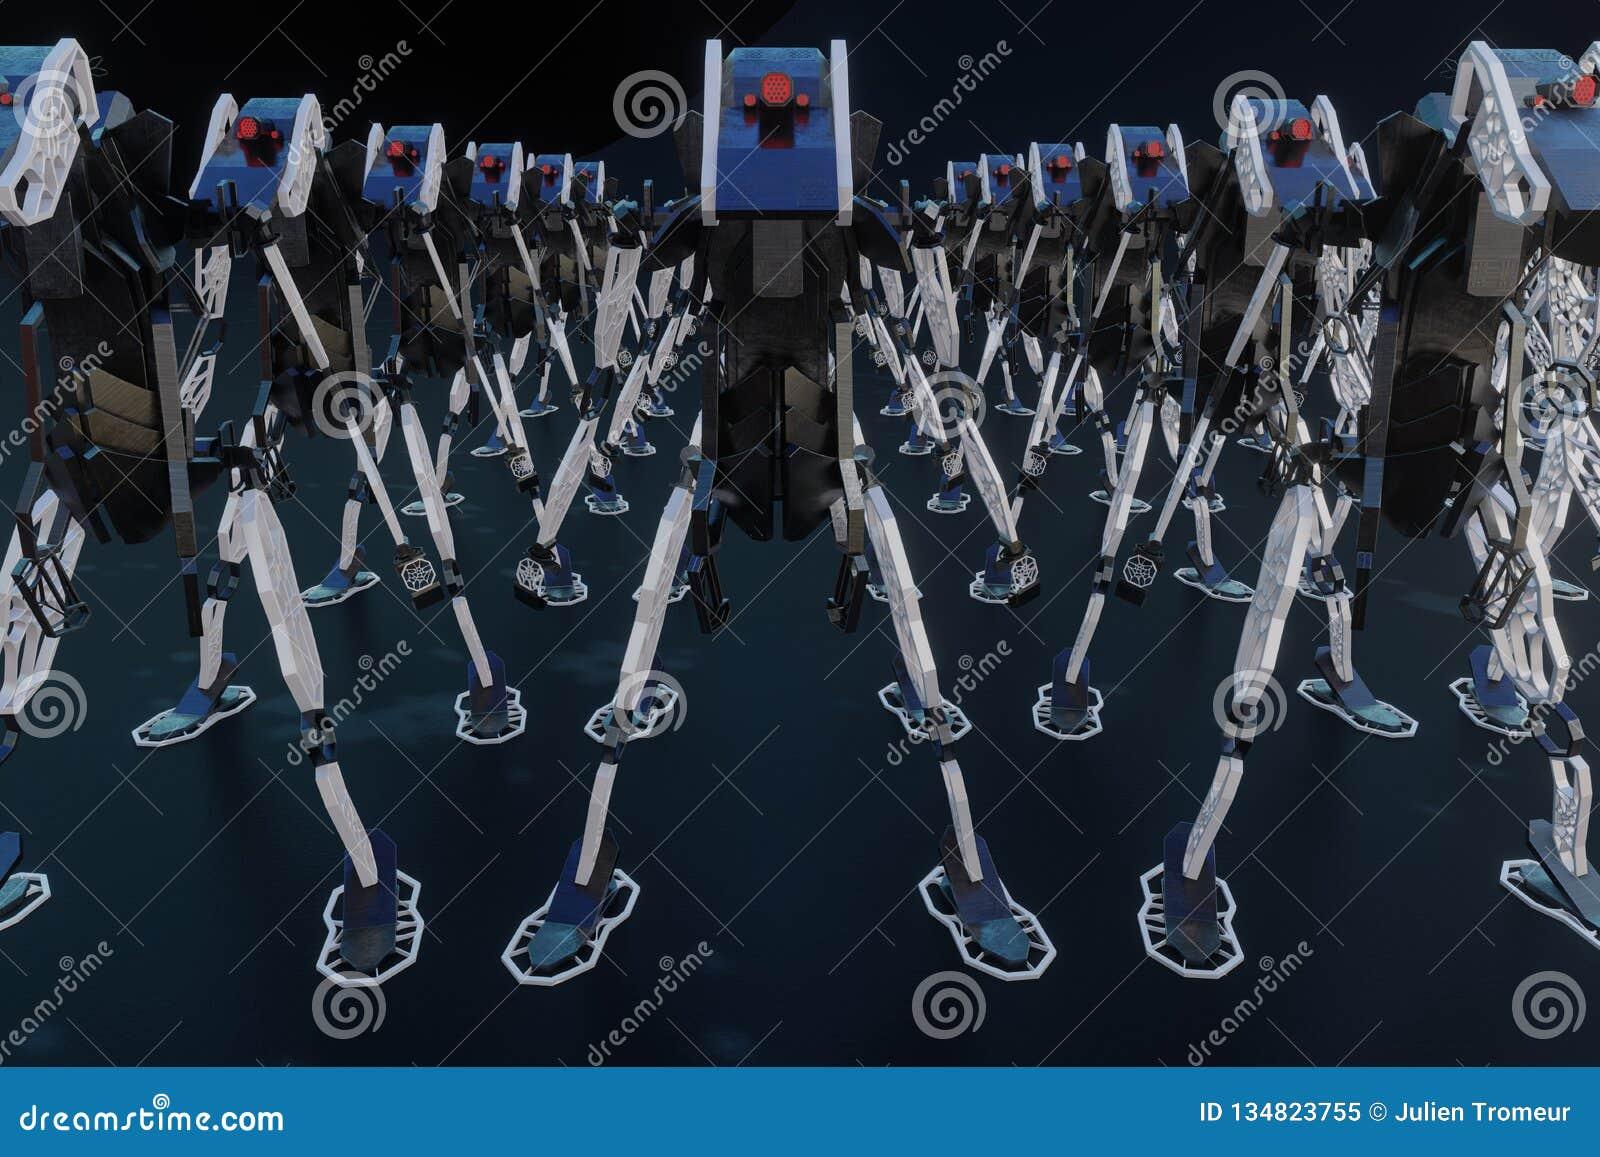 Генеративный робот - иллюстрация 3D